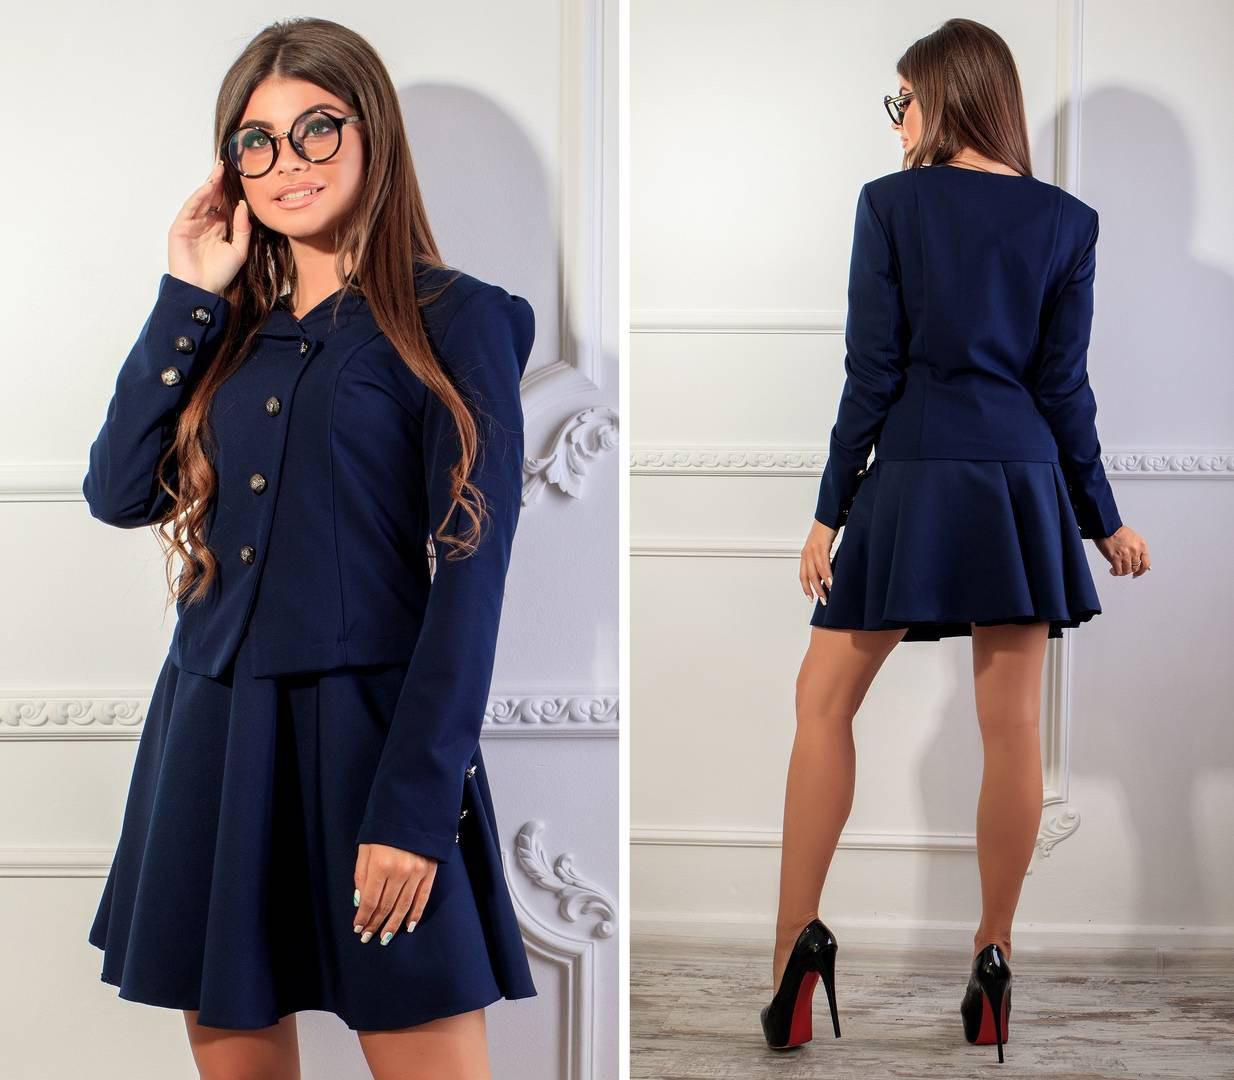 Пиджак женский, новинка 2018, модель 118, цвет - темно синий